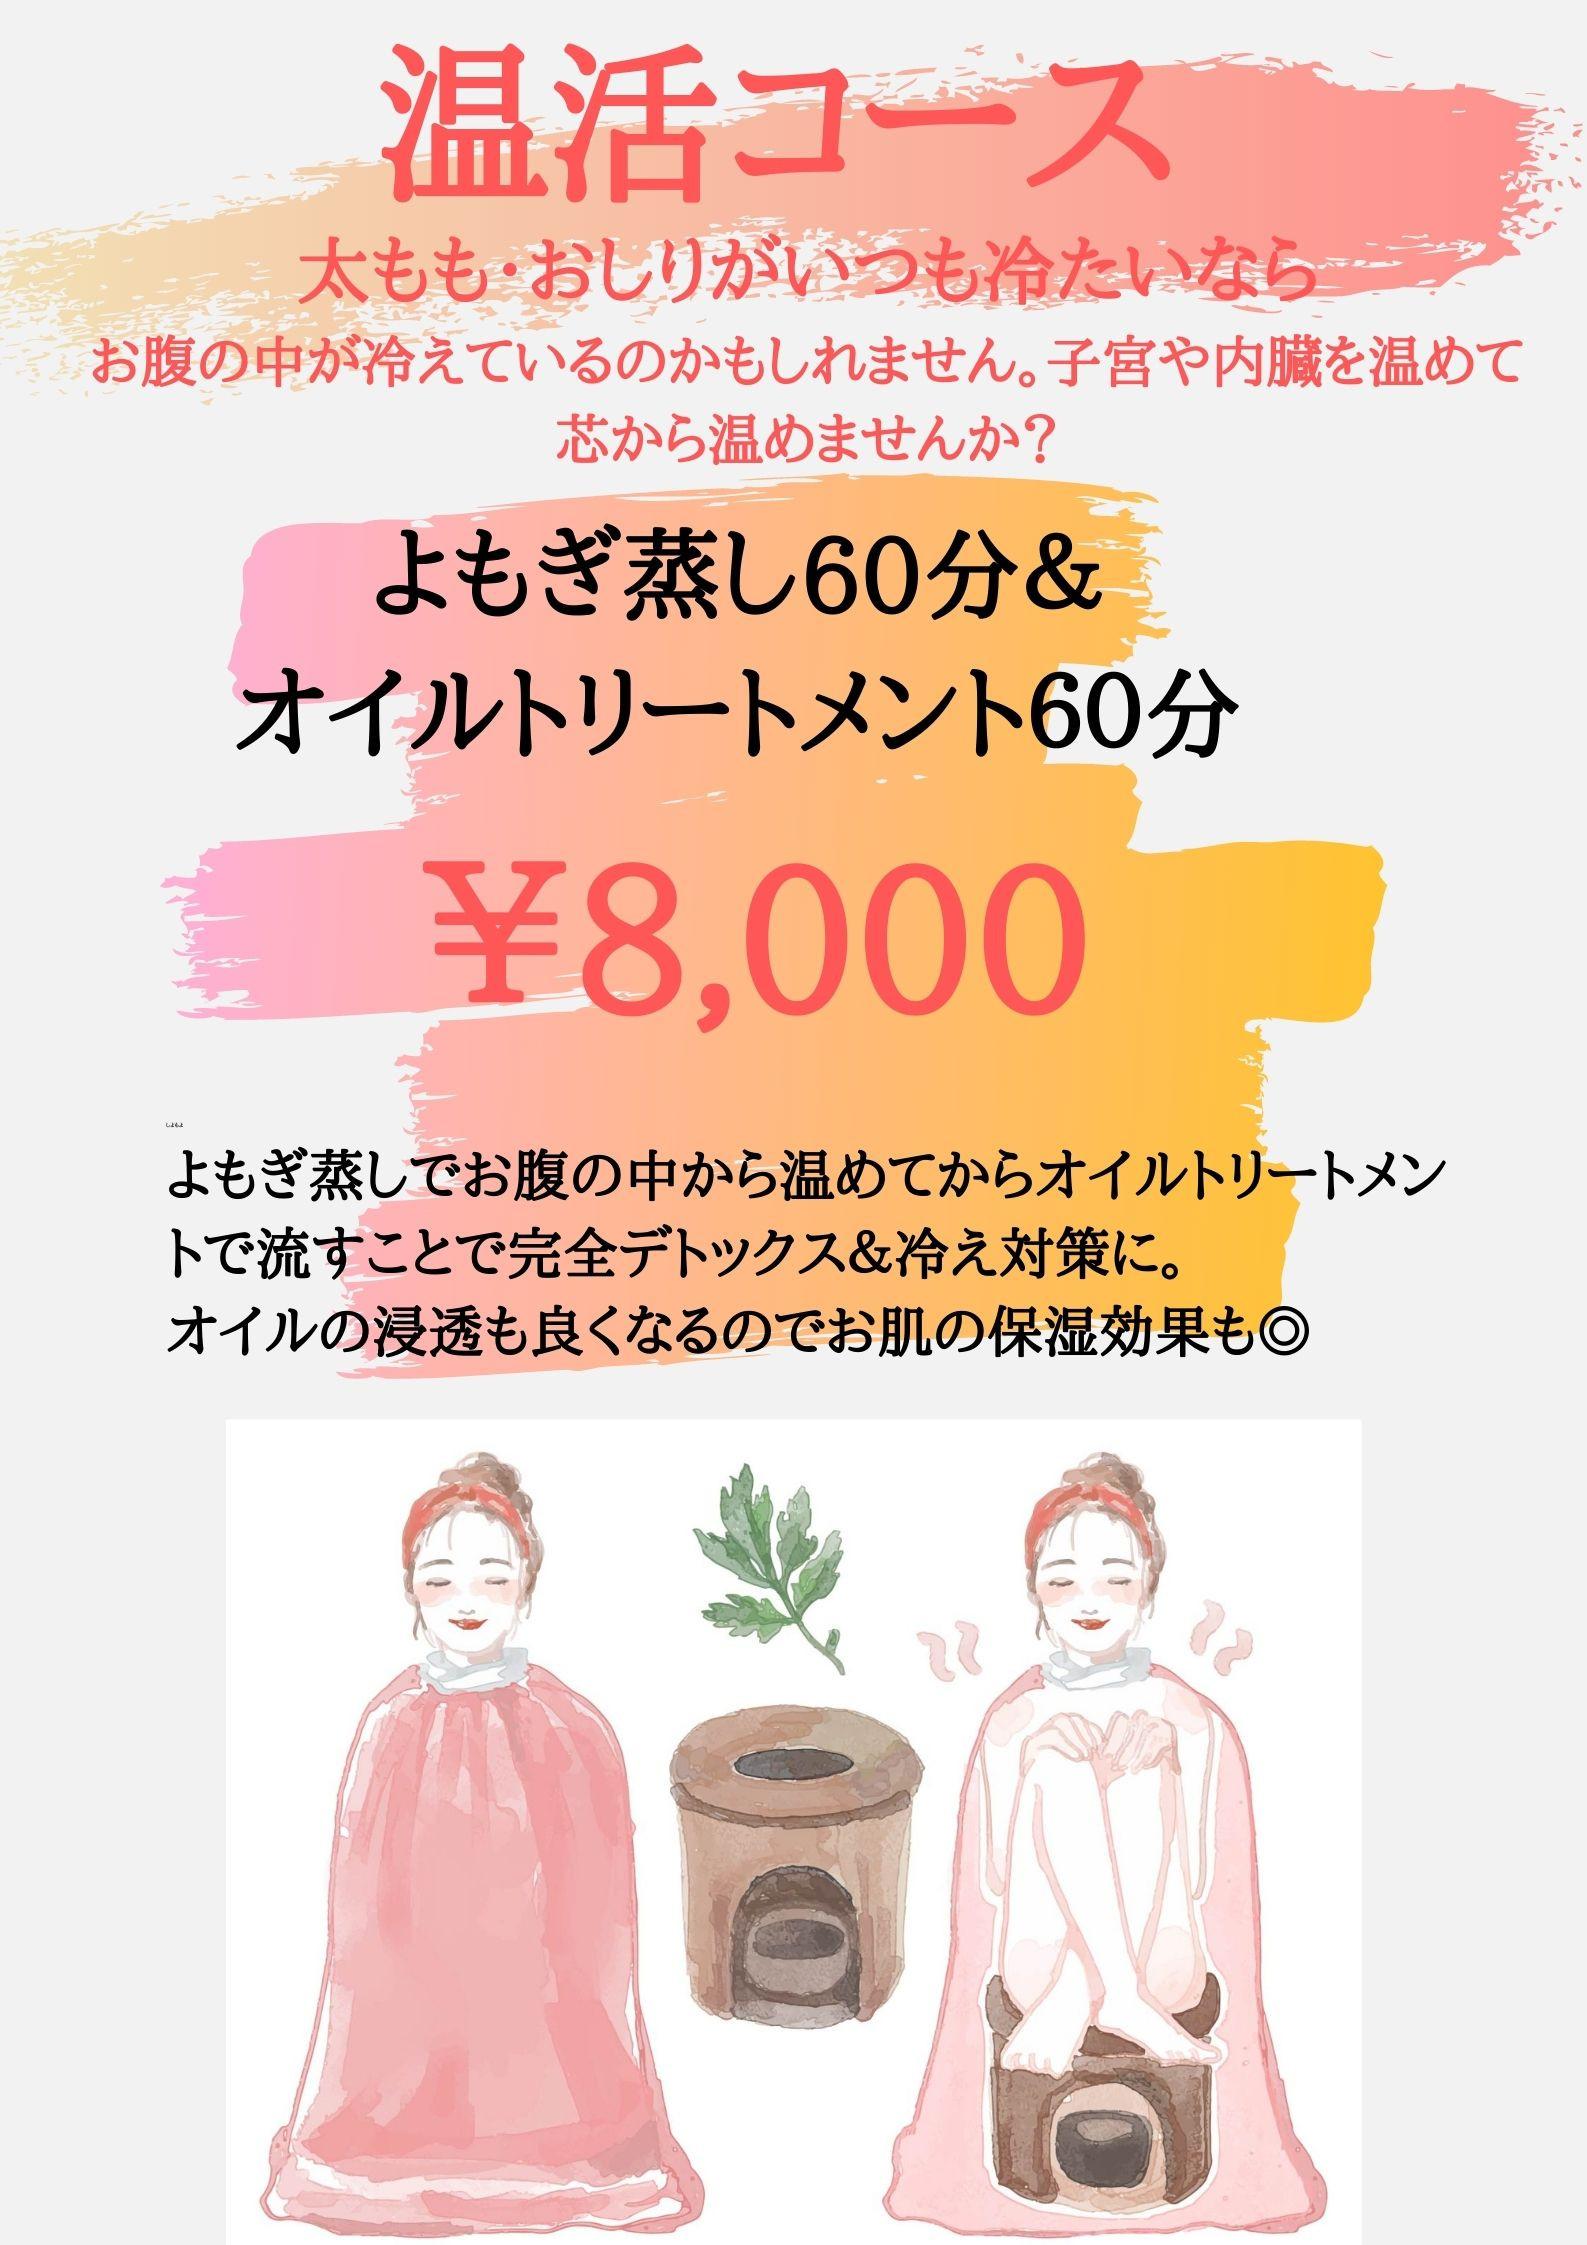 温活コース(よもぎ蒸し&オイルトリートメント)120分